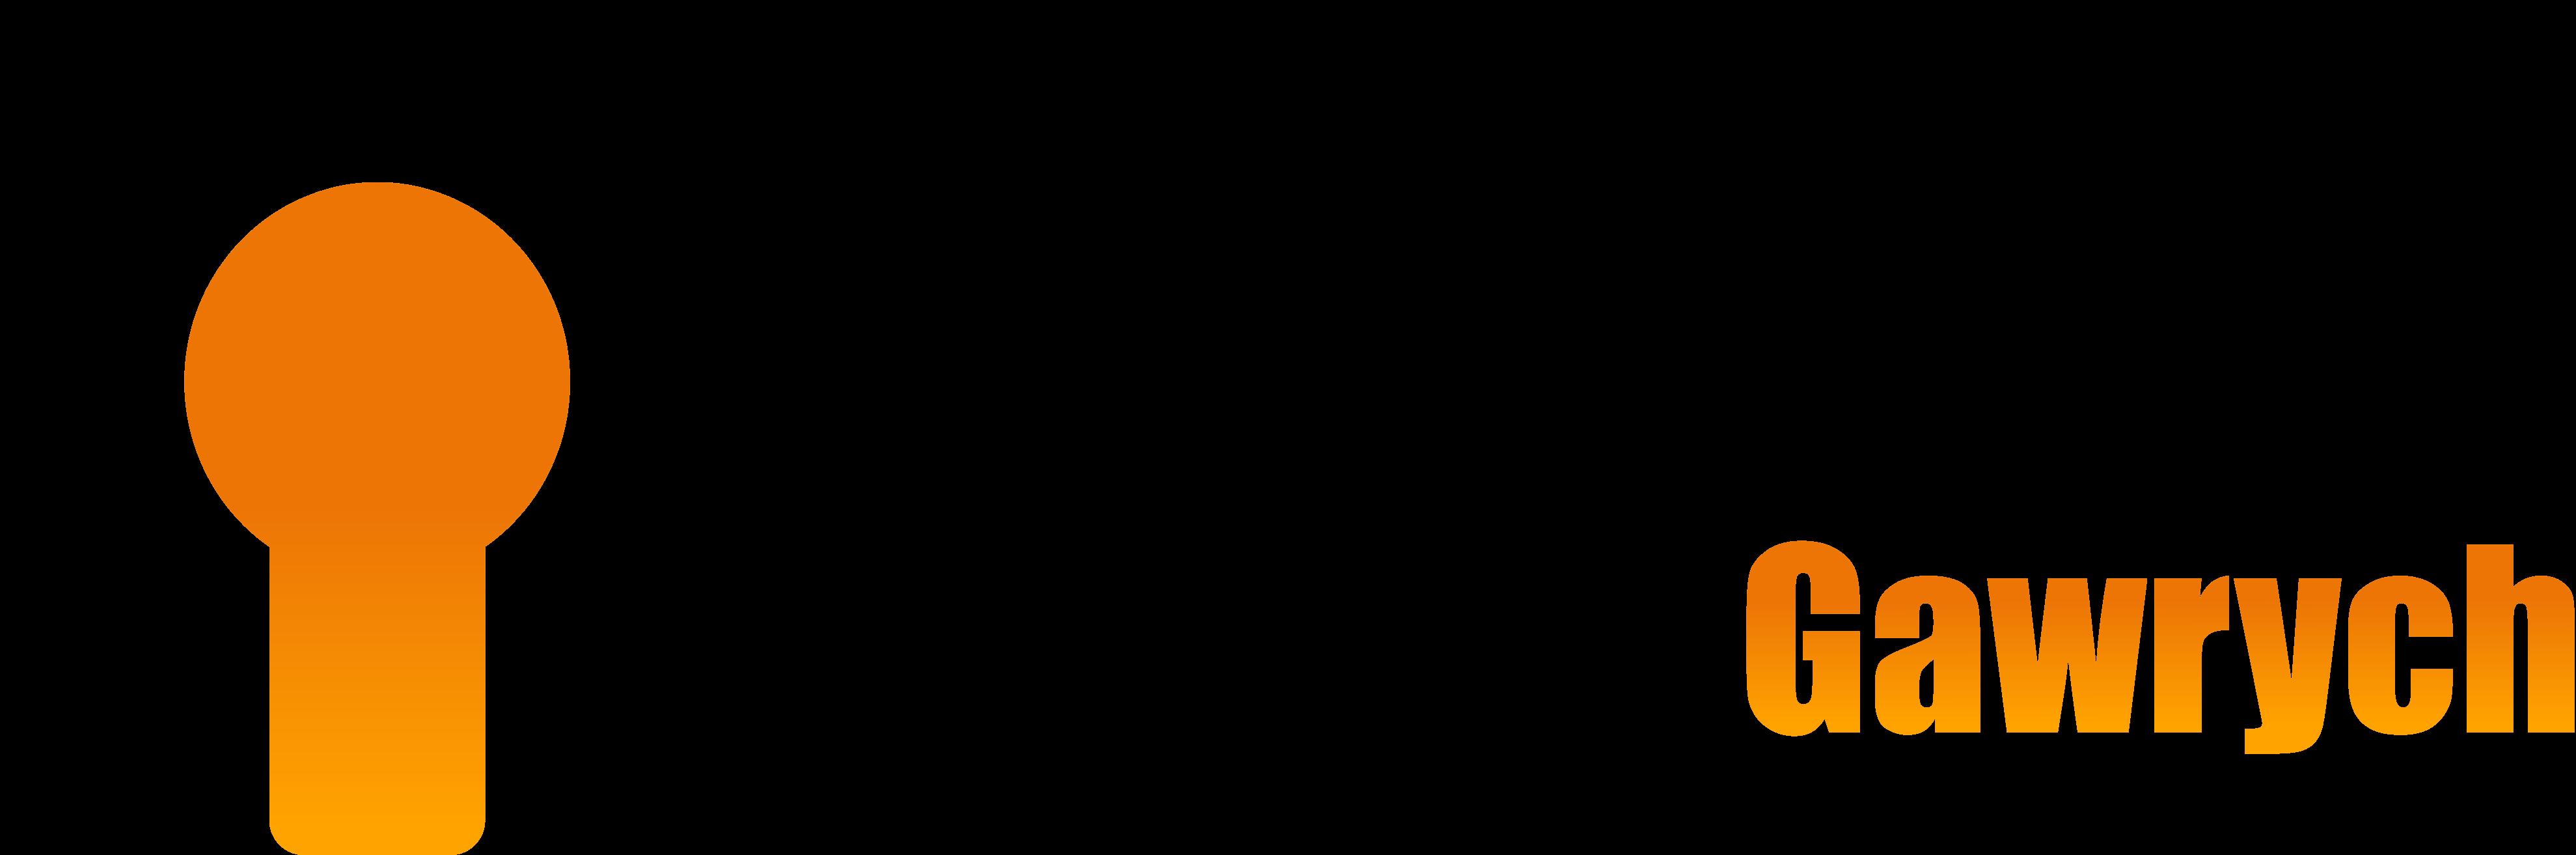 Odlewnia Gawrych Budzyń - logo